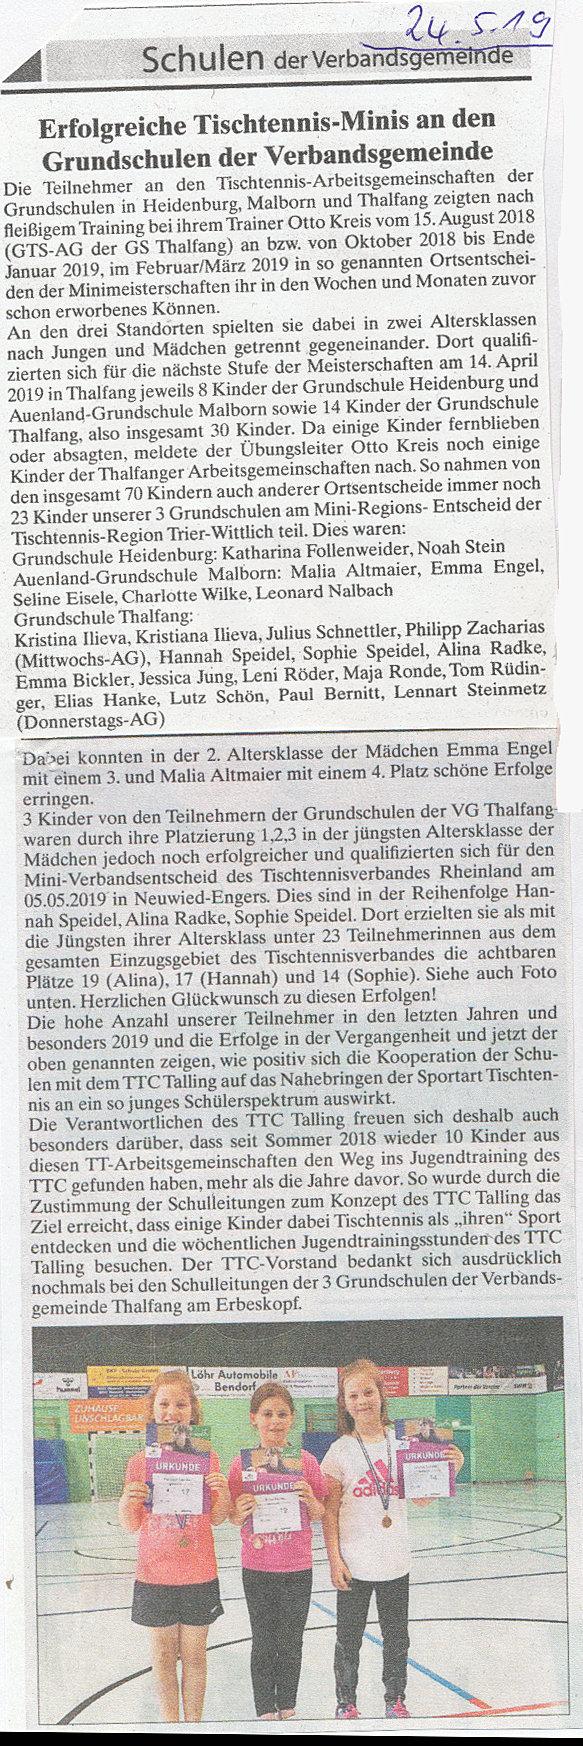 TT Minis Grundschulen der Verbandsgemeinde_05-2019.jpg